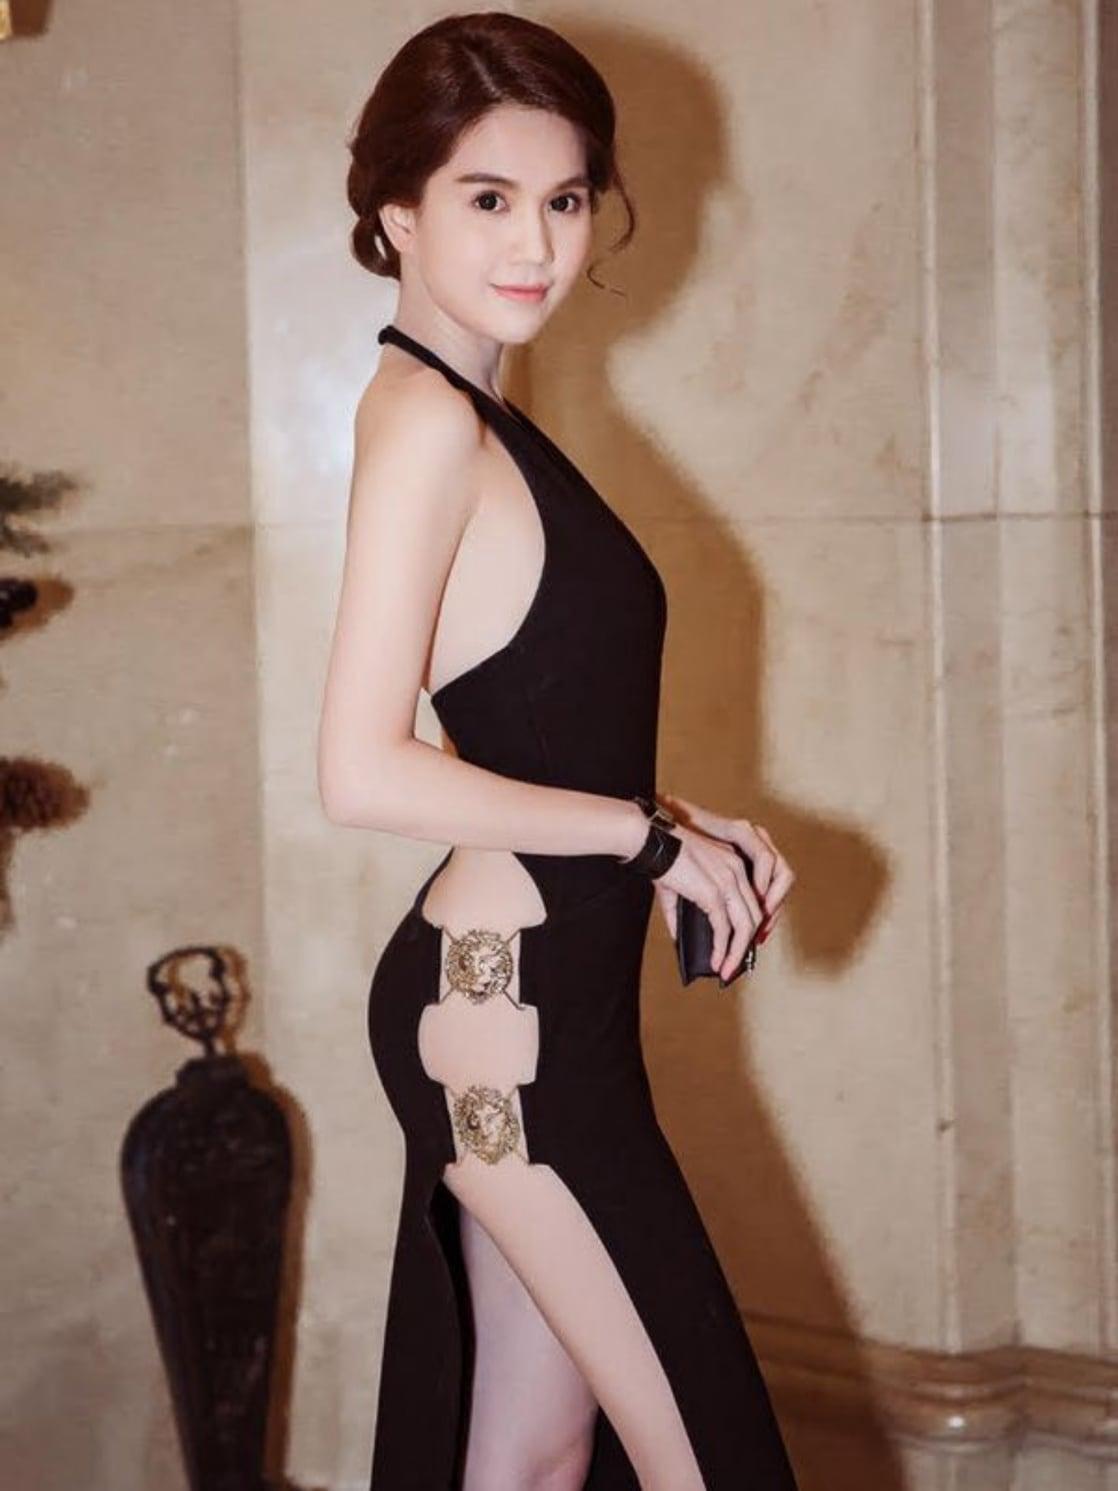 Ngọc Trinh là chủ nhân của bộ váy hiểm hóc bậc nhất thảm đỏ Vbiz, đến nay vẫn hiếm có ai vượt qua. Thiết kế hở mạn sườn, giúp chân dài phô diễn đường cong hoàn hảo.